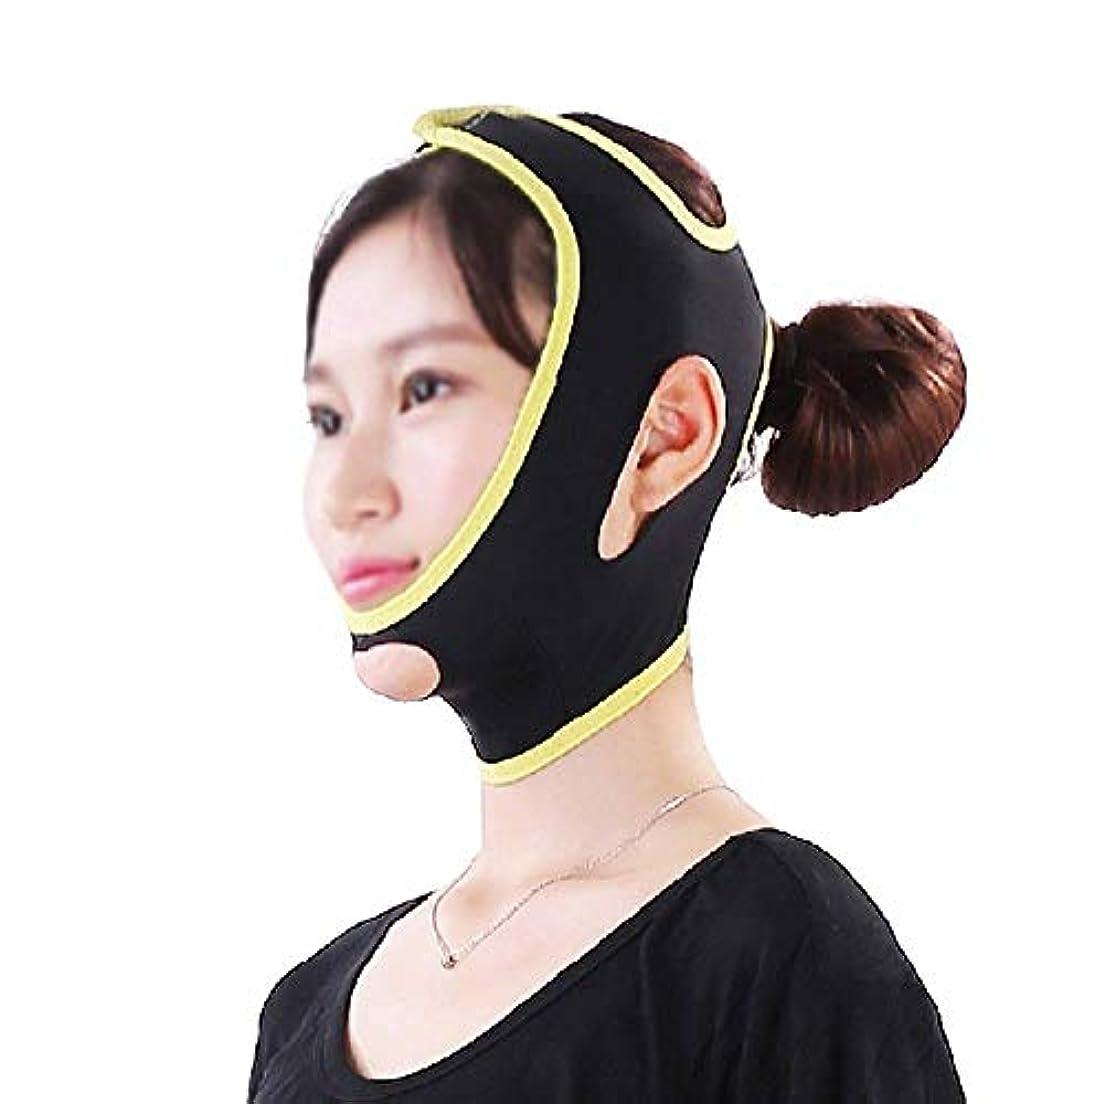 引き出すセラフ批判フェイスアンドネックリフト、Vフェイスマスクは顔の輪郭を強化して、顎の超弾性包帯を引き締める咬筋を緩和します(サイズ:M)